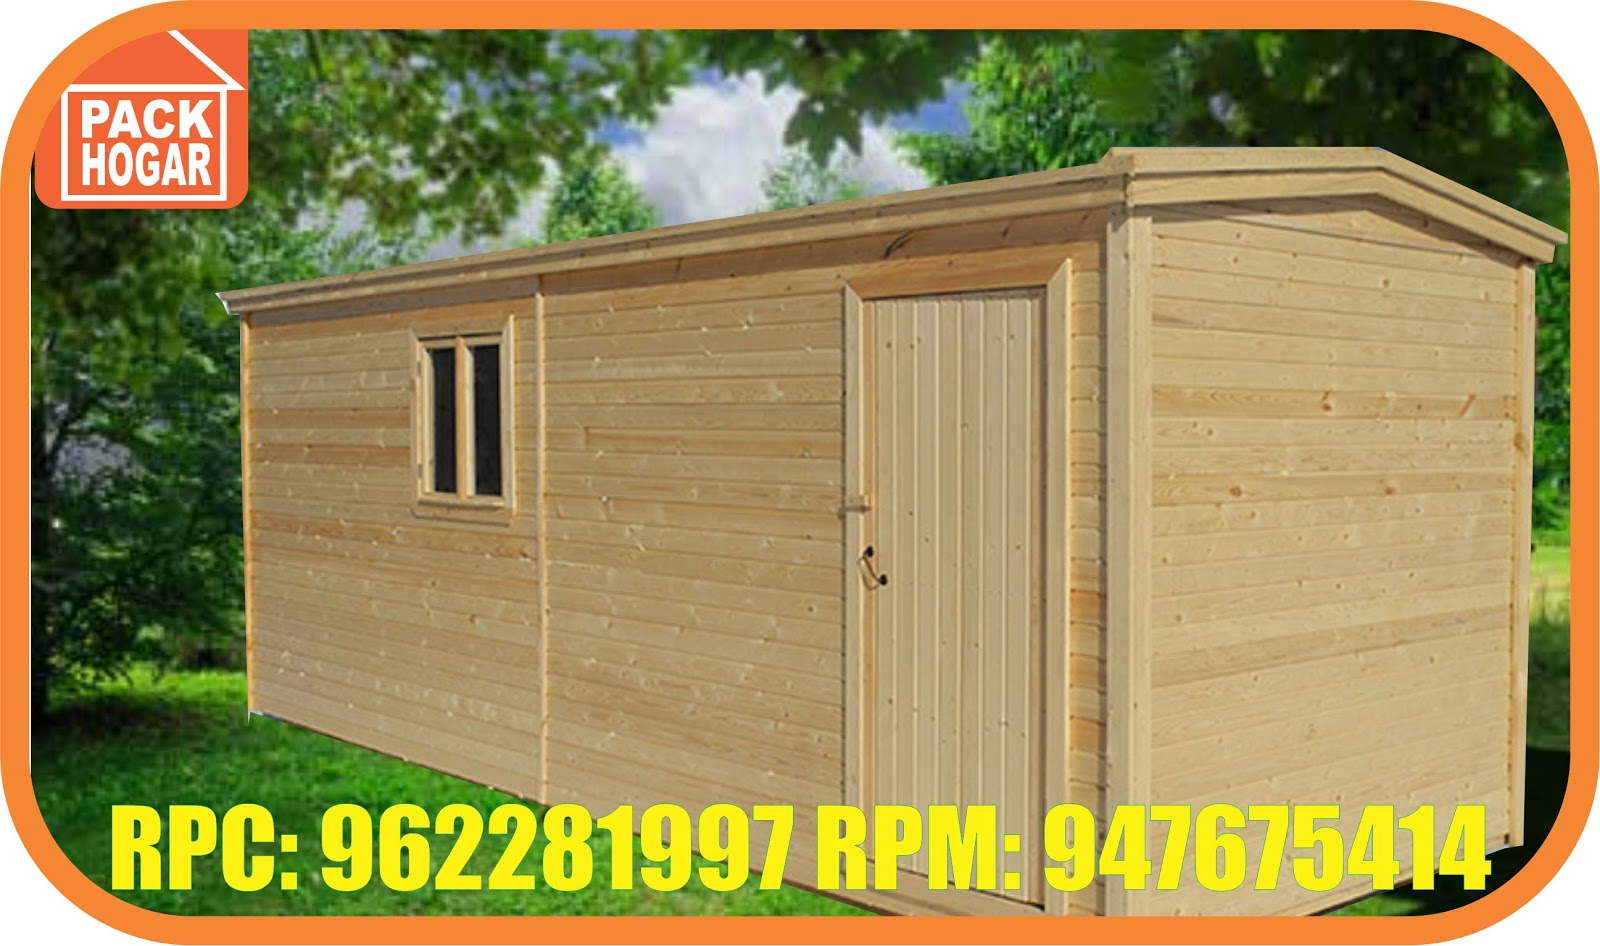 Miraflores cuartos casetas m dulos prefabricadas azotea - Refugios de madera prefabricados ...